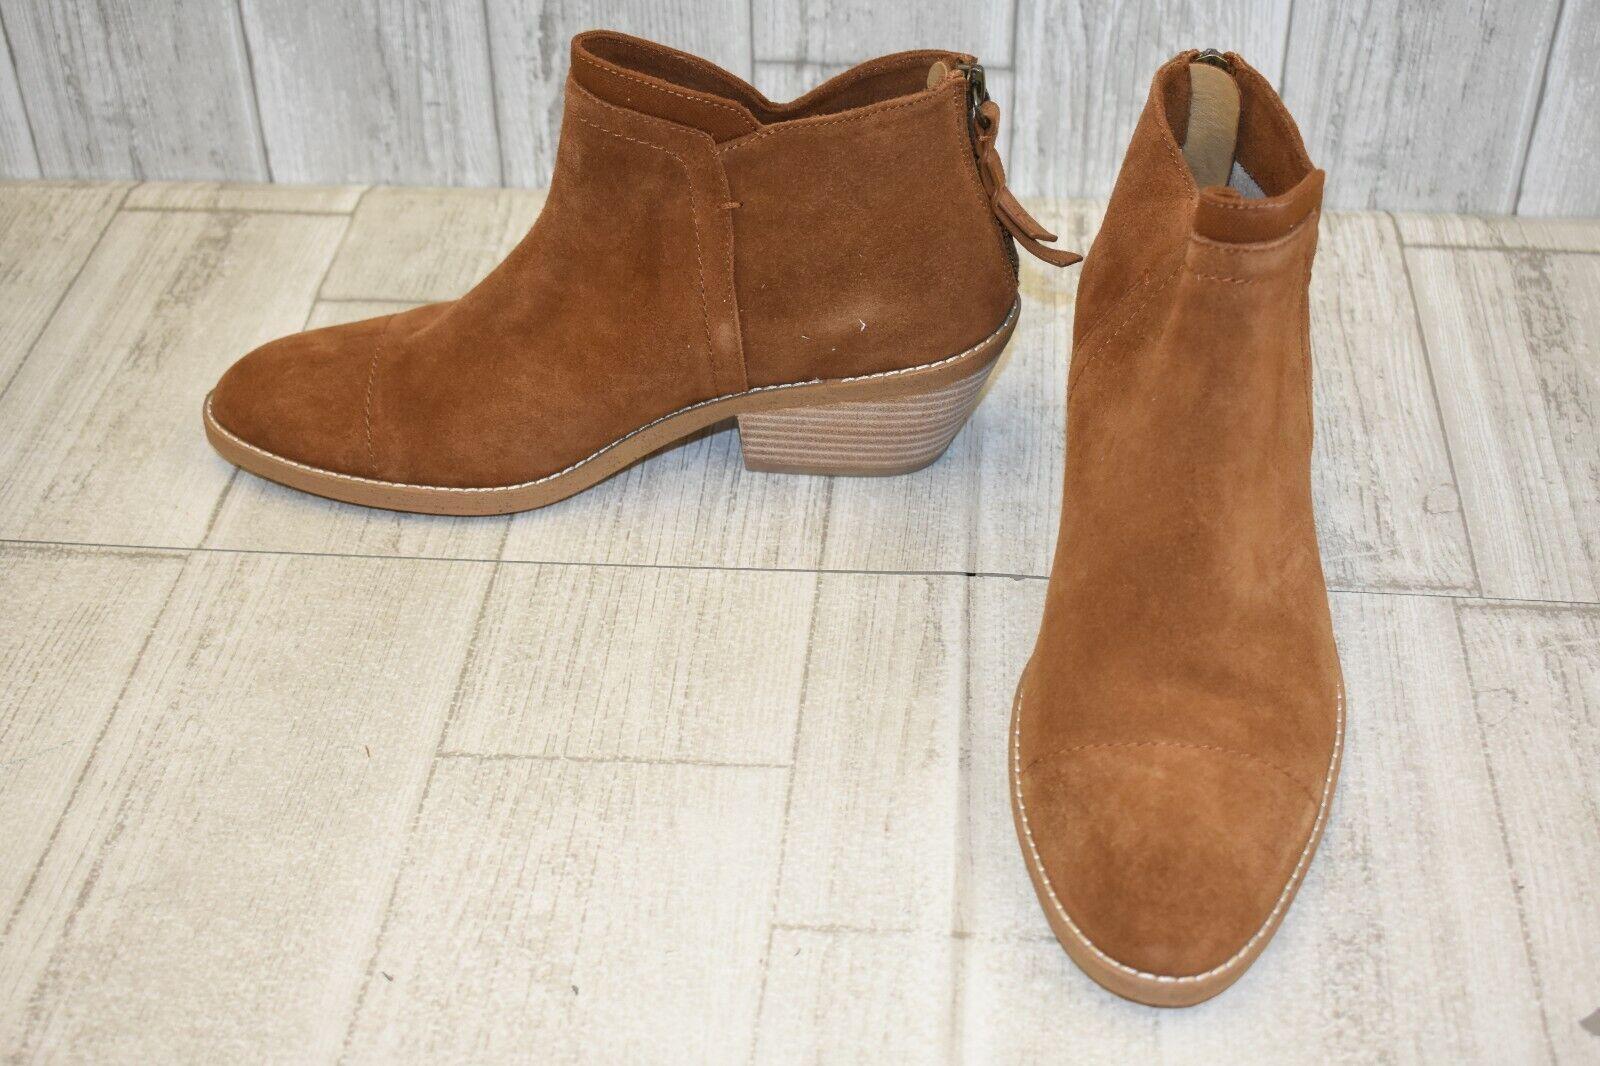 Espléndido Dale botas-Para Mujer Whisky Talla 9.5 - Whisky Mujer 042981